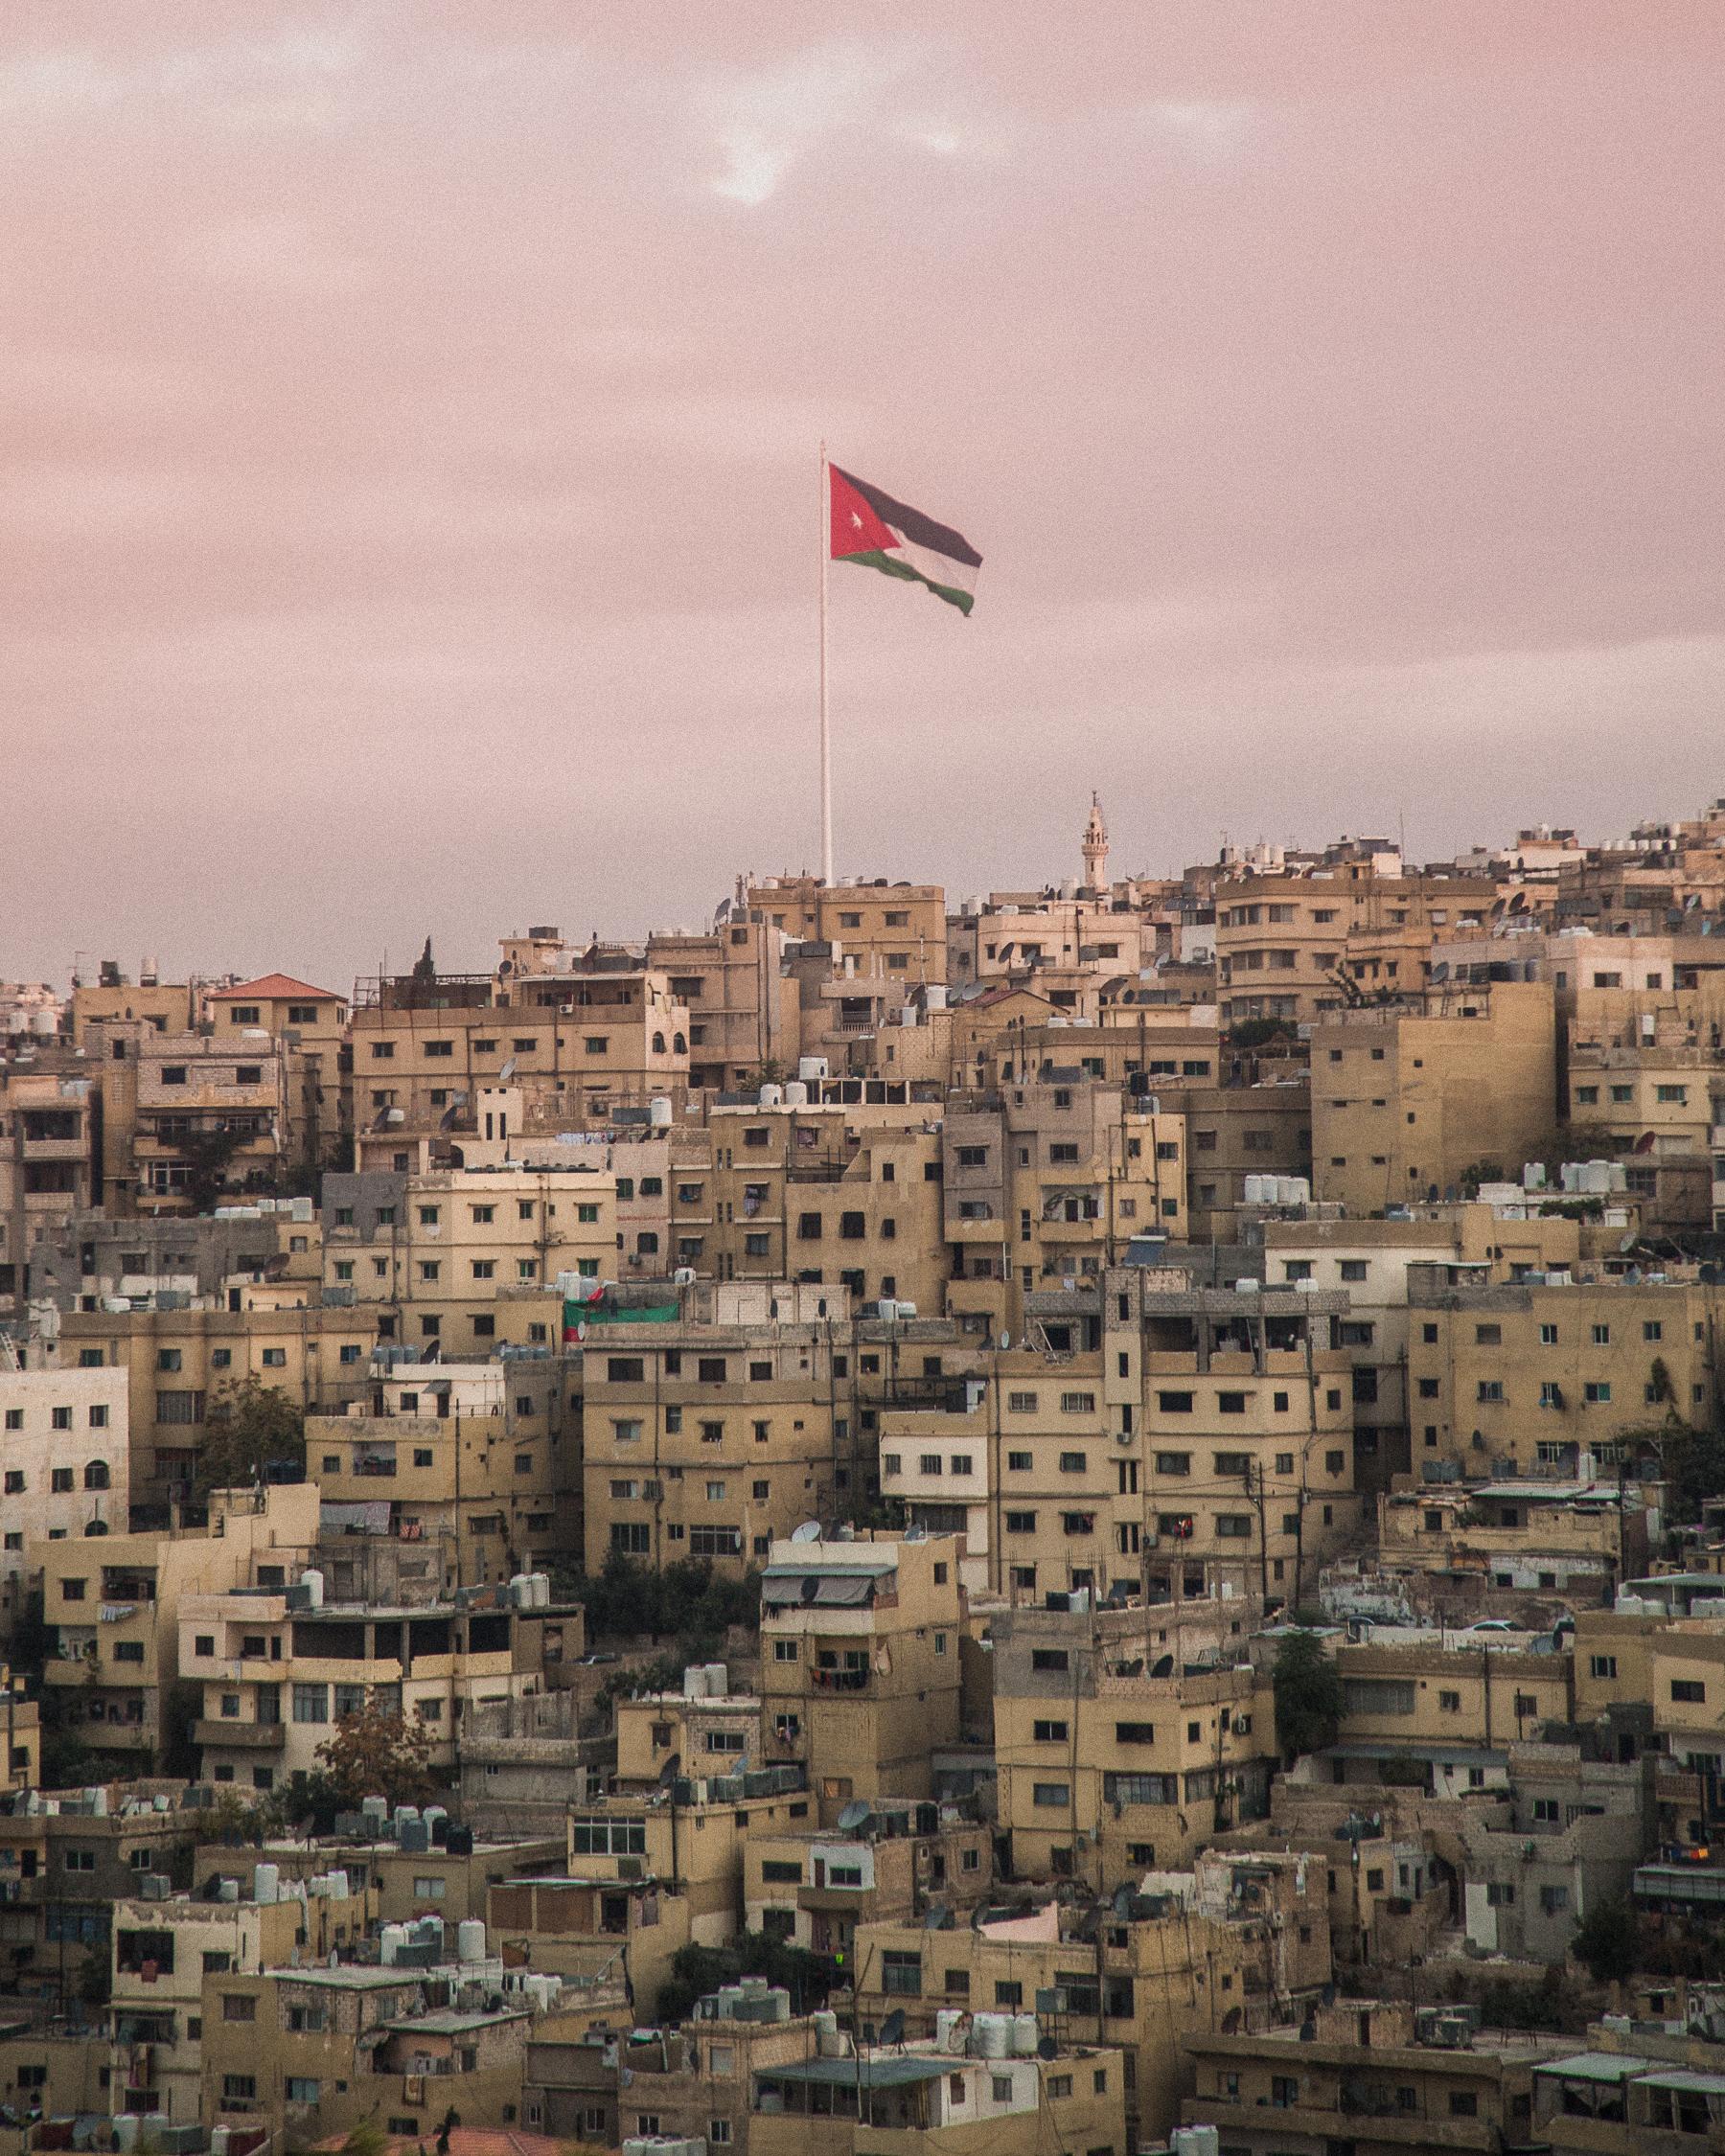 visit_jordan-1.jpg